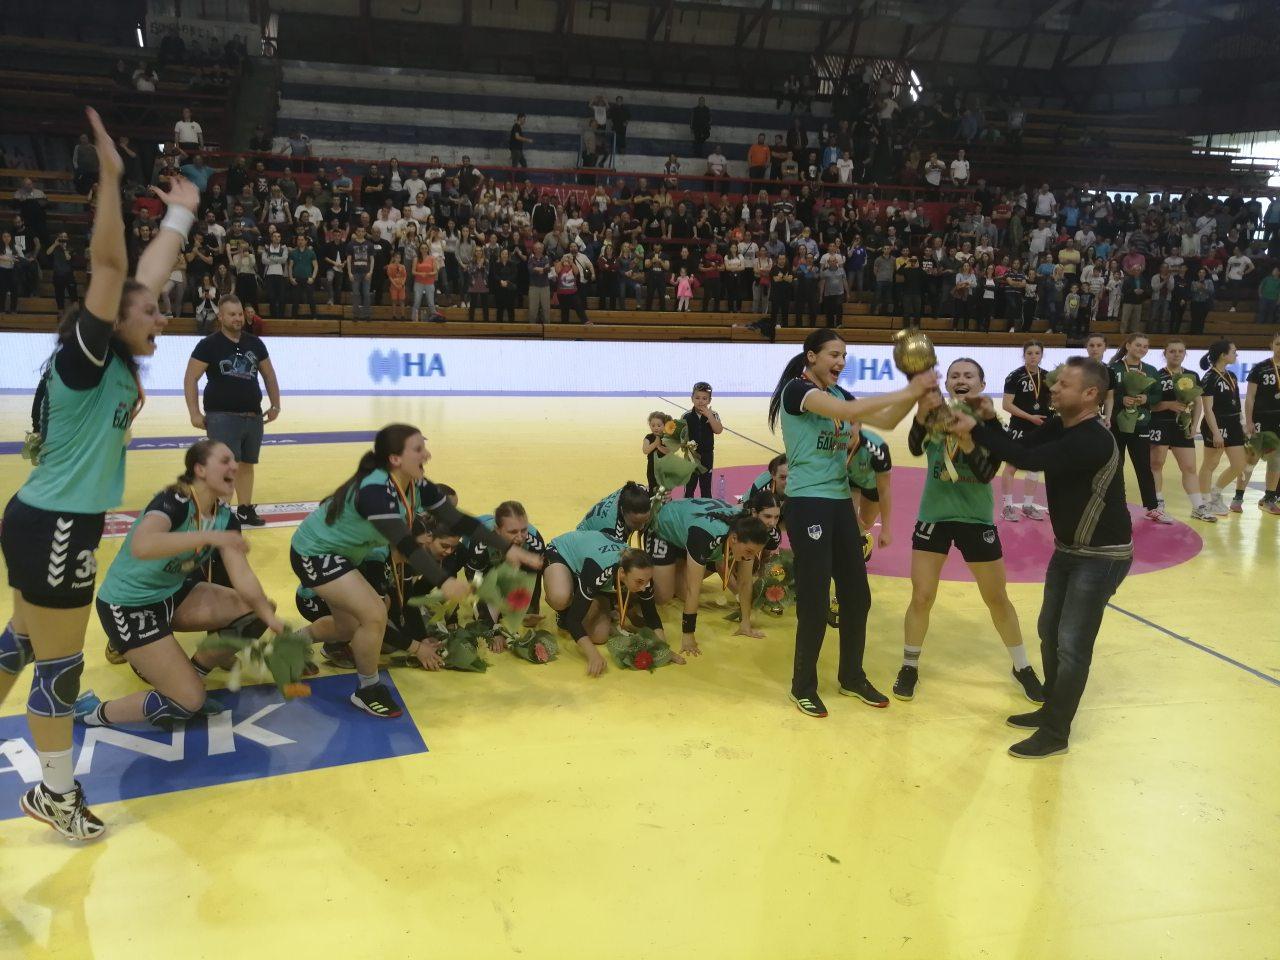 ЖРК Куманово ќе игра во групната фаза од ЛШ, најелитно европско првенство